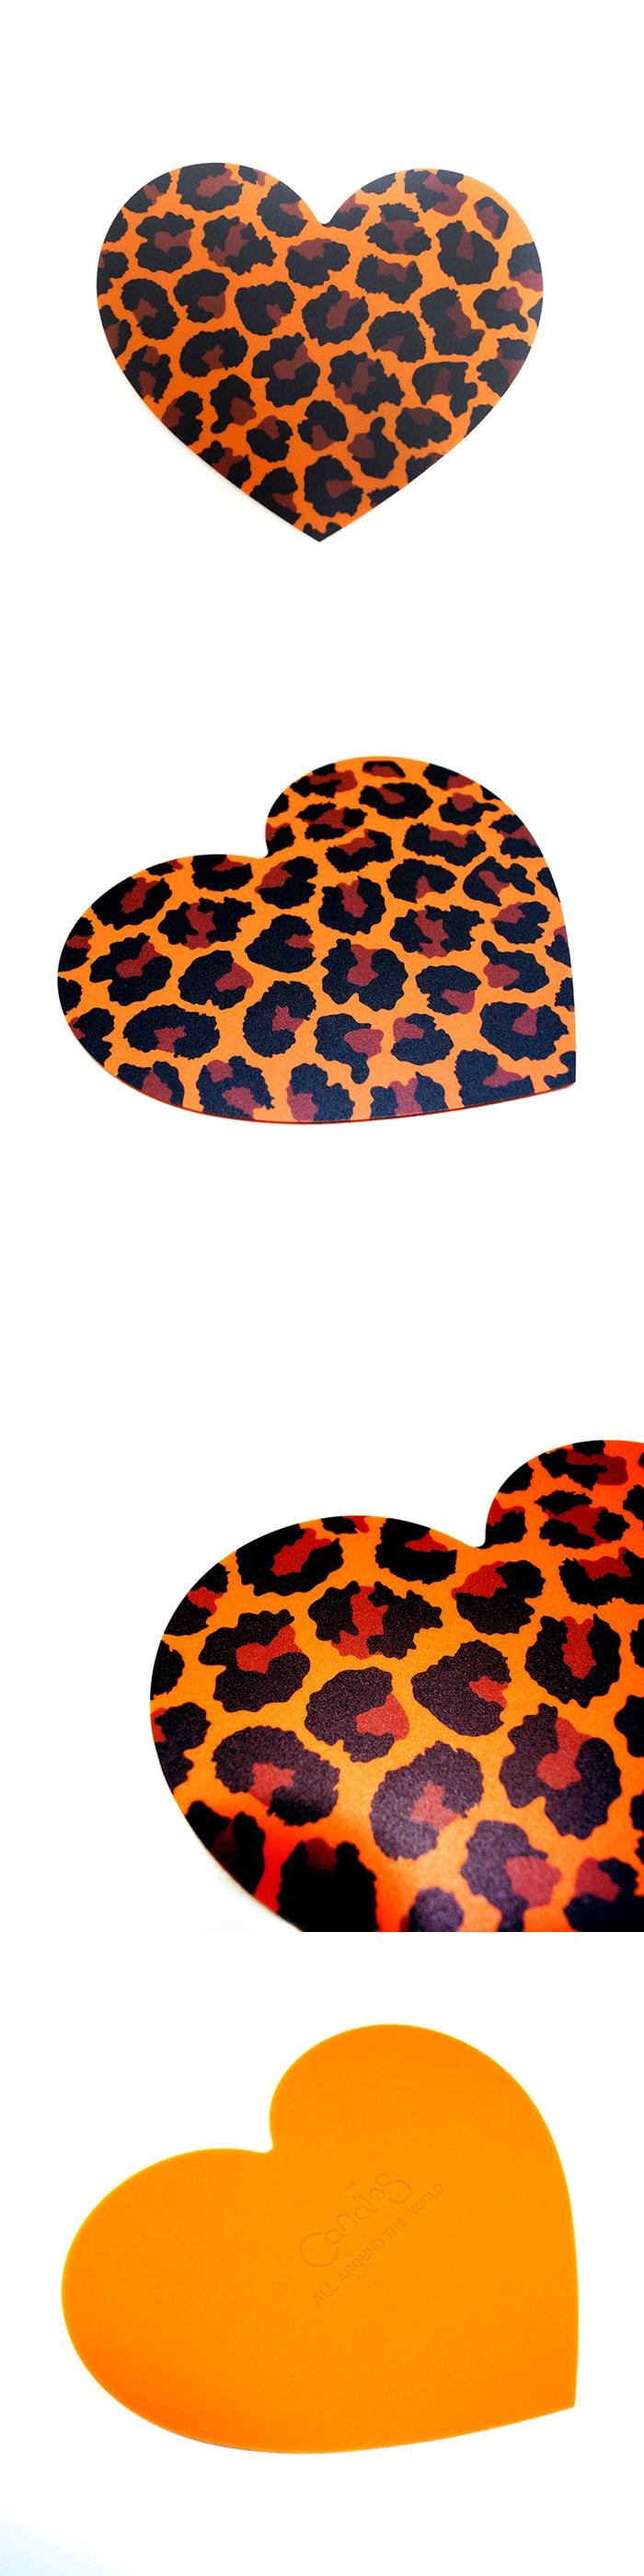 (複製)Candies Big愛心滑鼠墊-大理石紋 2PCS